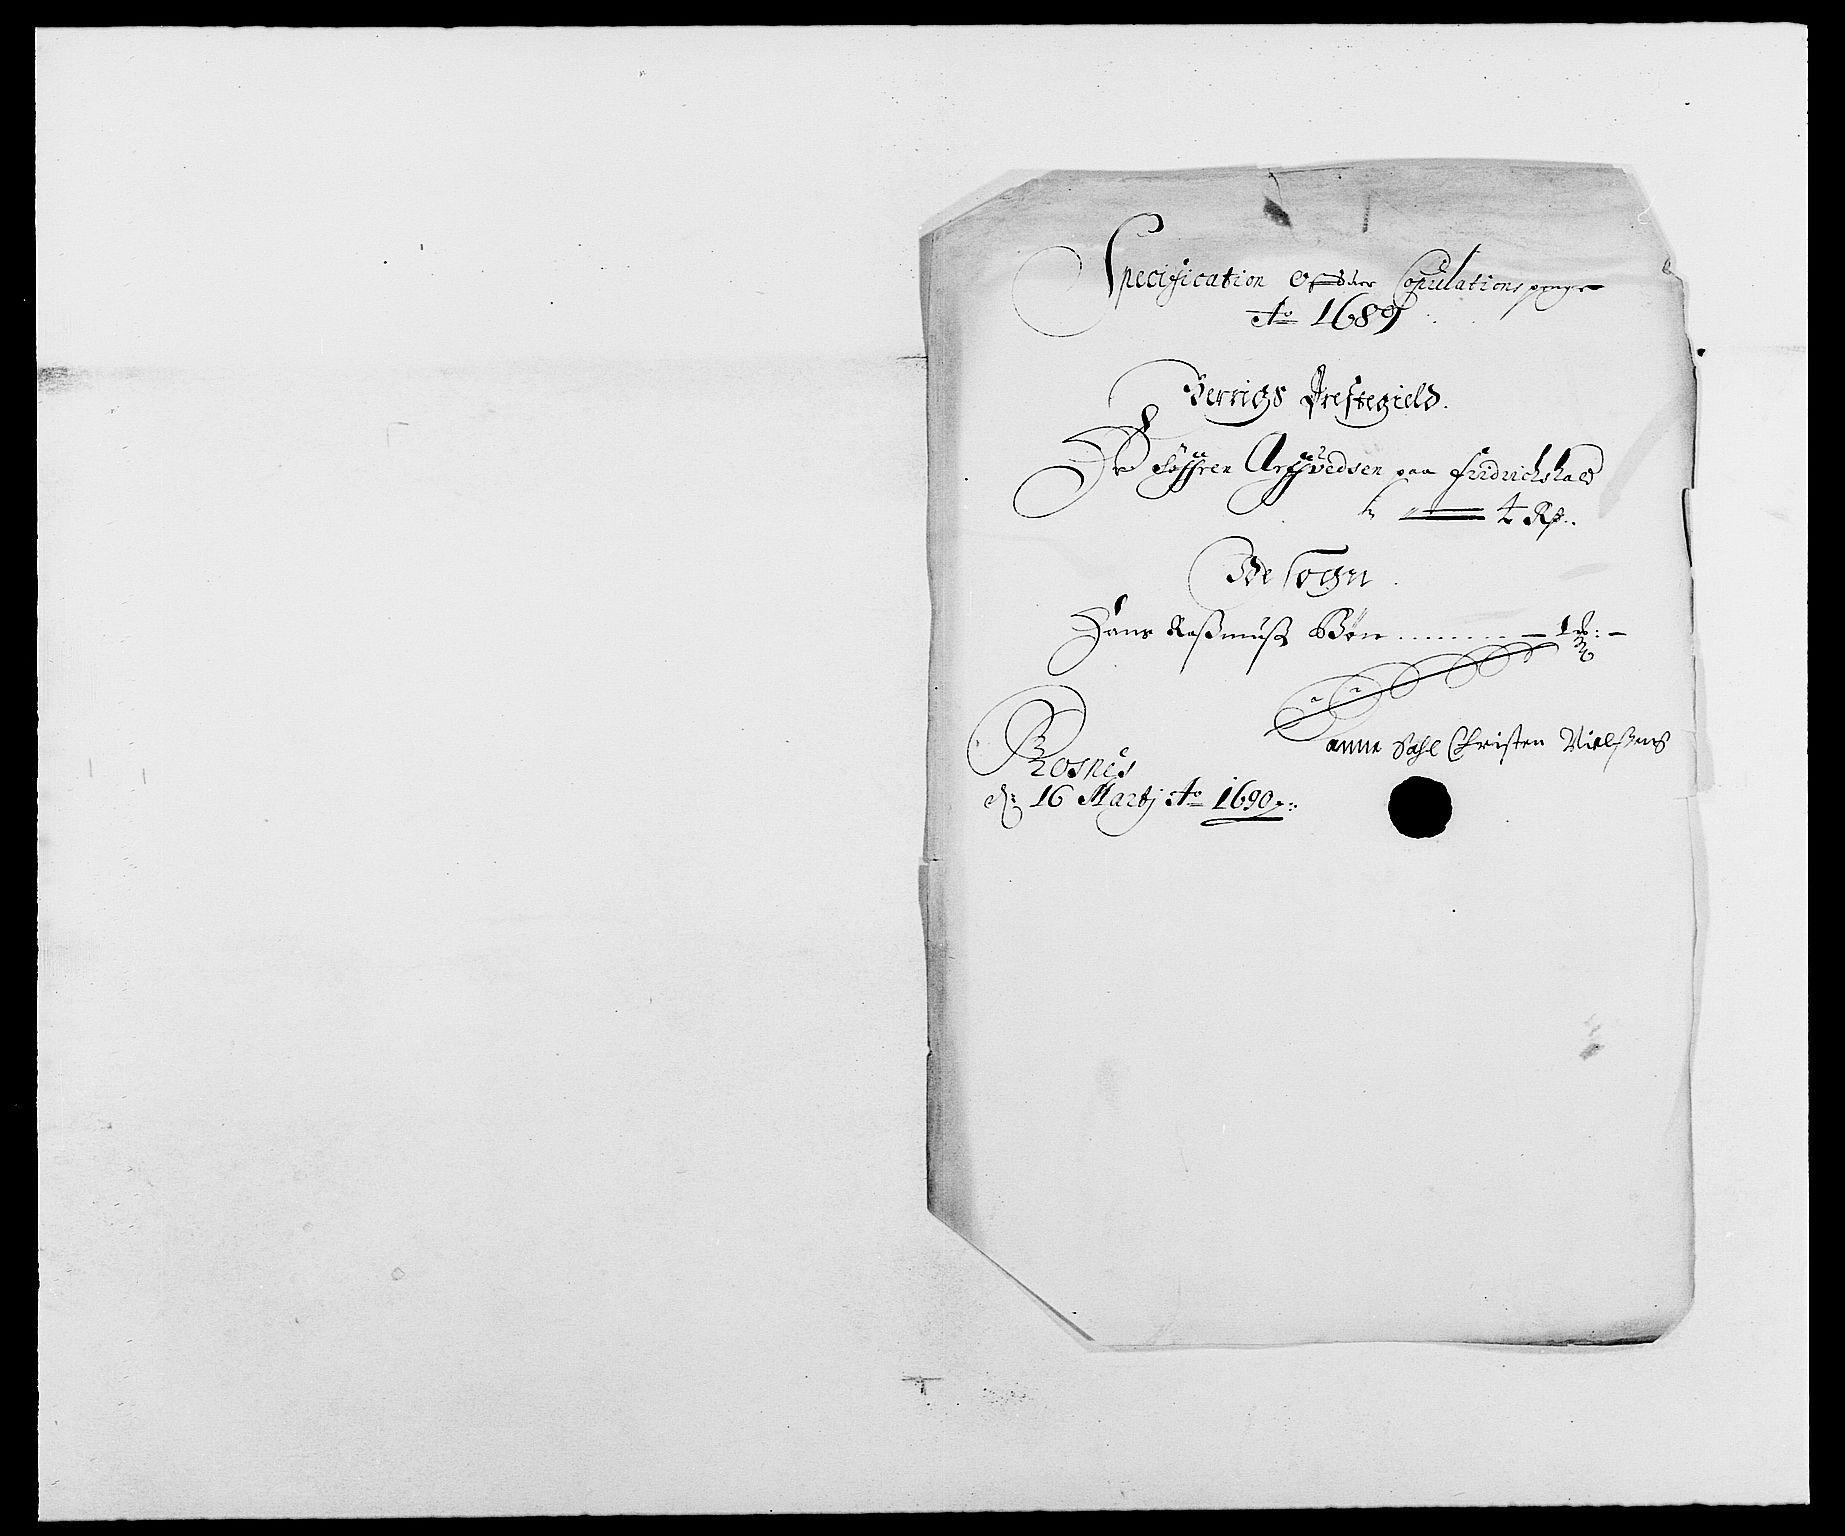 RA, Rentekammeret inntil 1814, Reviderte regnskaper, Fogderegnskap, R01/L0008: Fogderegnskap Idd og Marker, 1689, s. 237